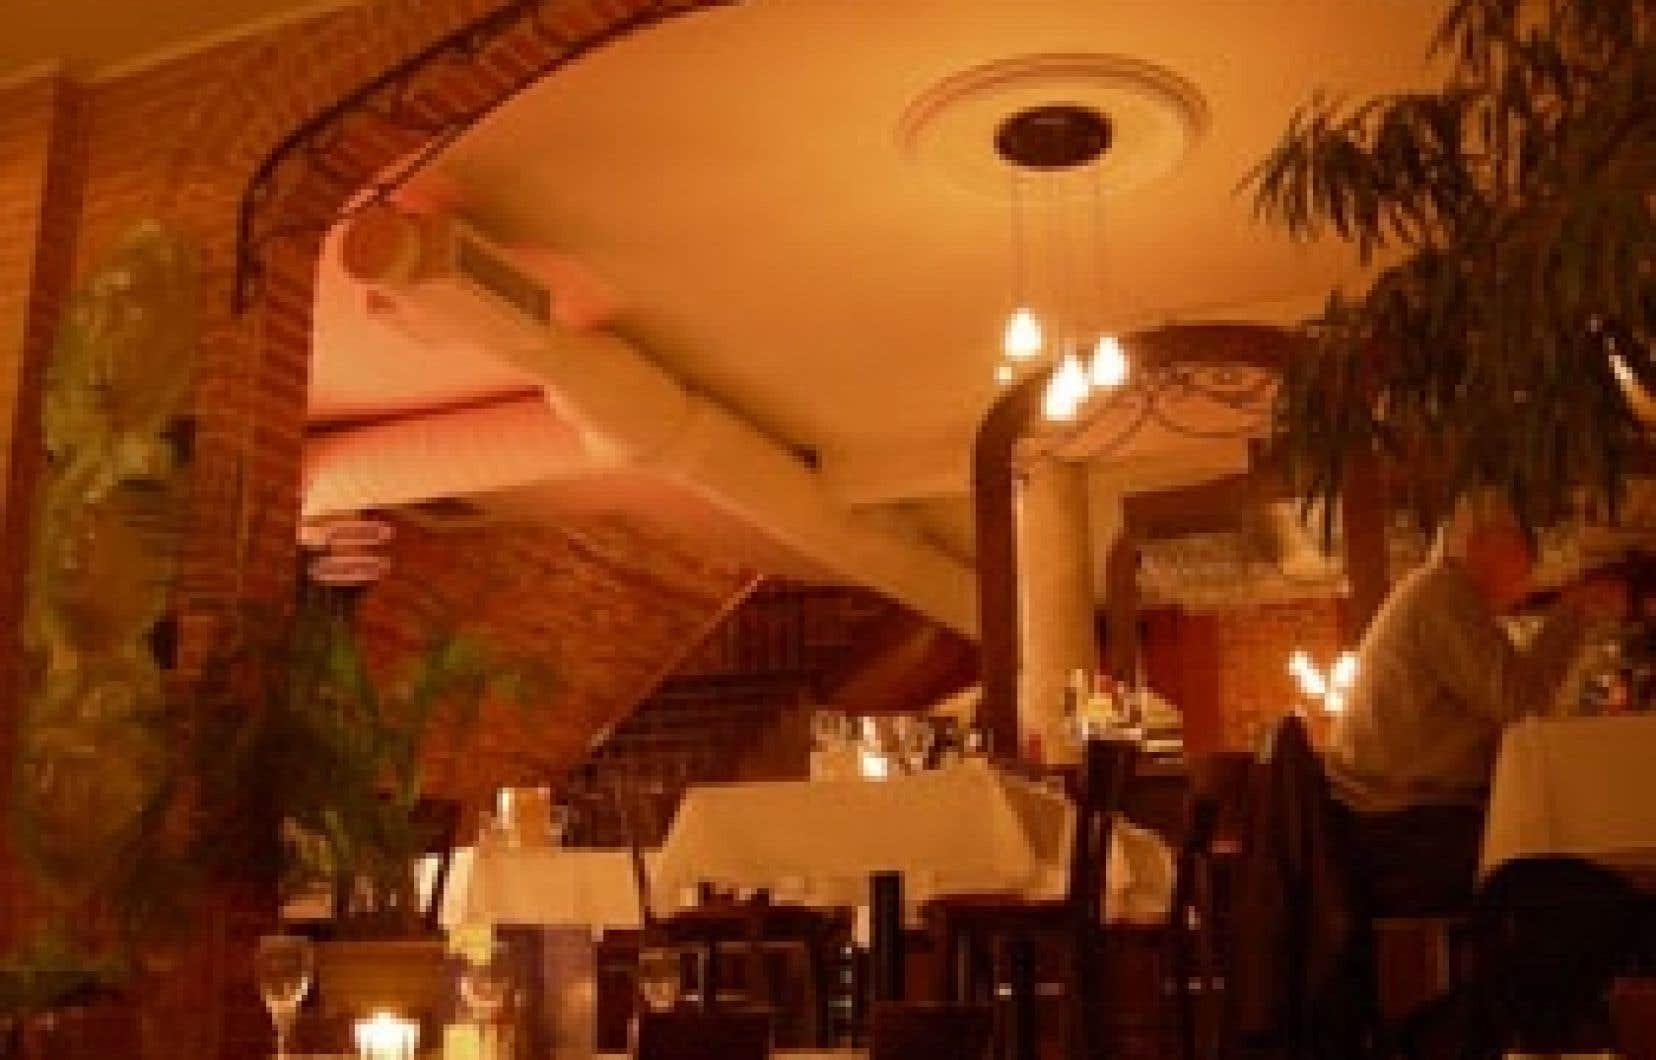 Le Café Sirocco, un restaurant abordable où tous les éléments se tiennent: design des lieux, cuisine, service, ambiance générale, prix...